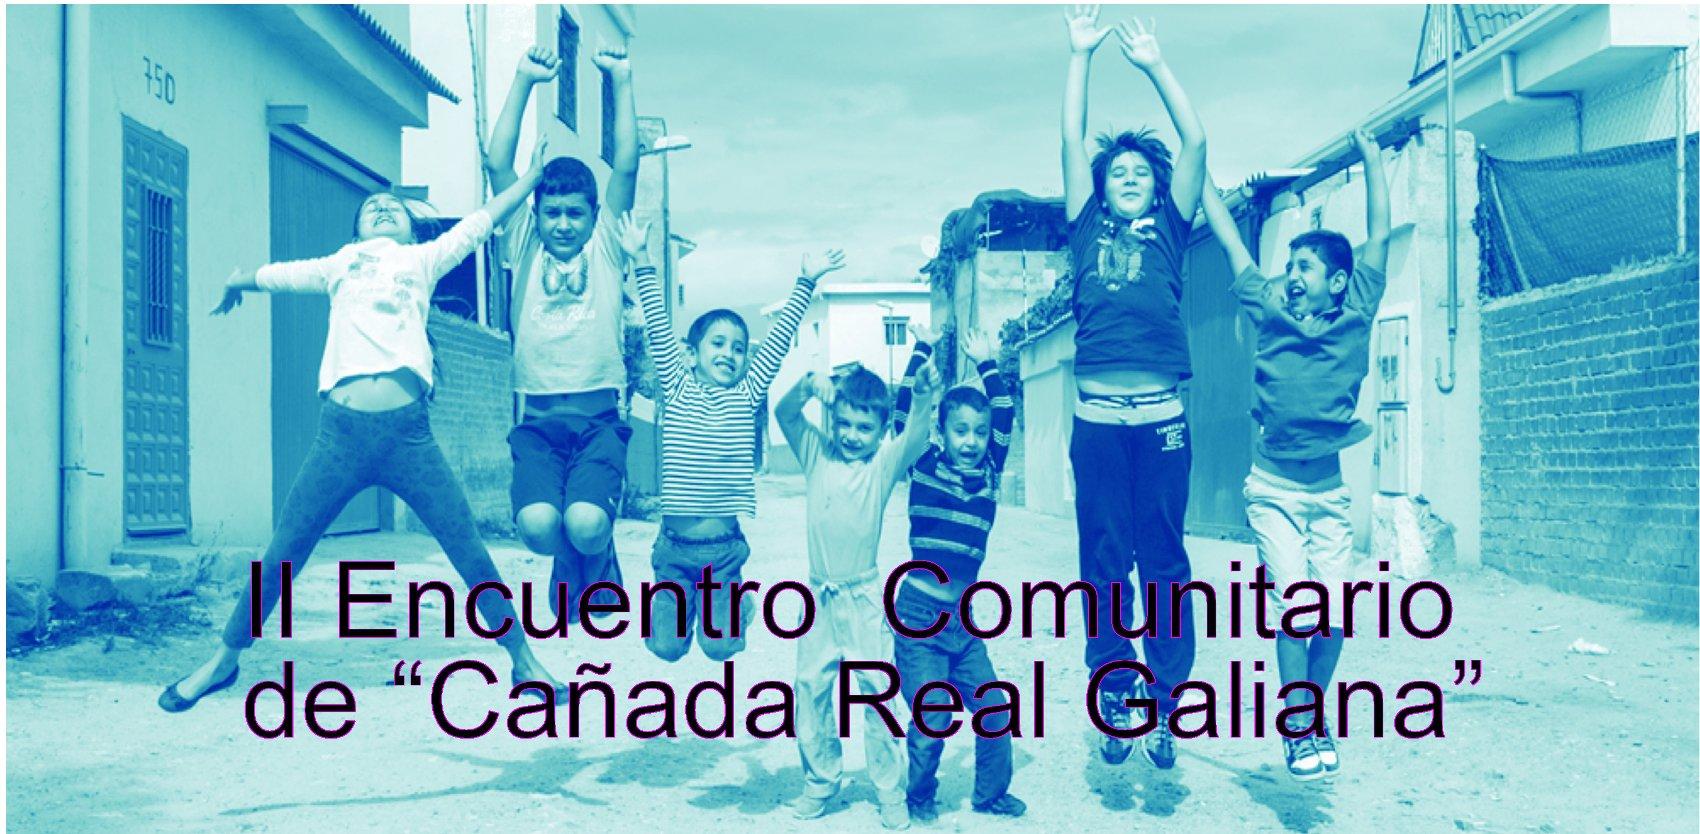 Encuentro comunitario en la Cañada Real Galiana